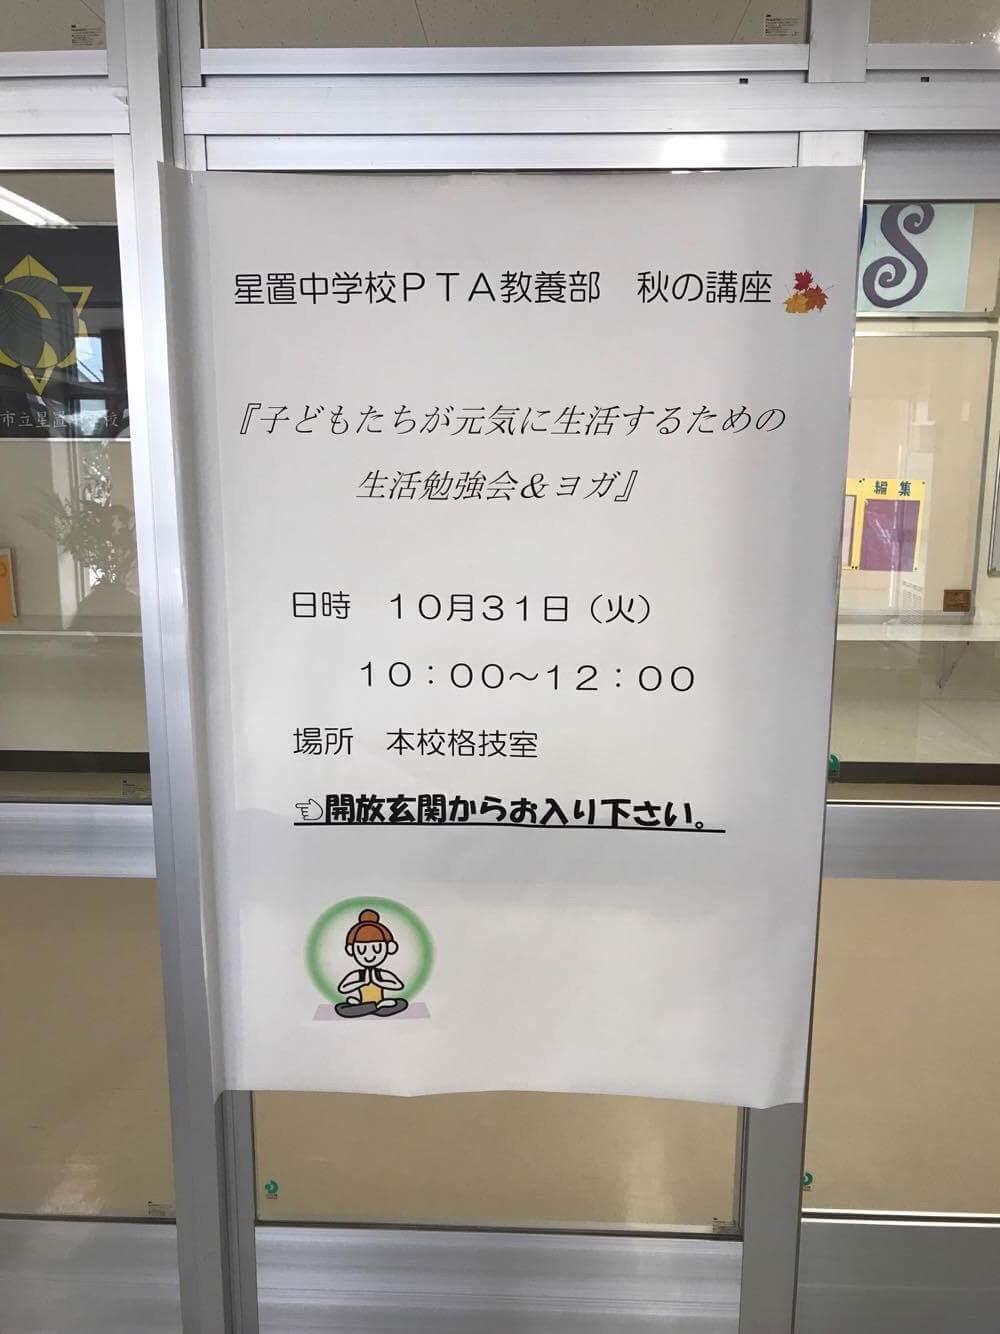 【札幌円山ヨガスタジオアウラ】出張